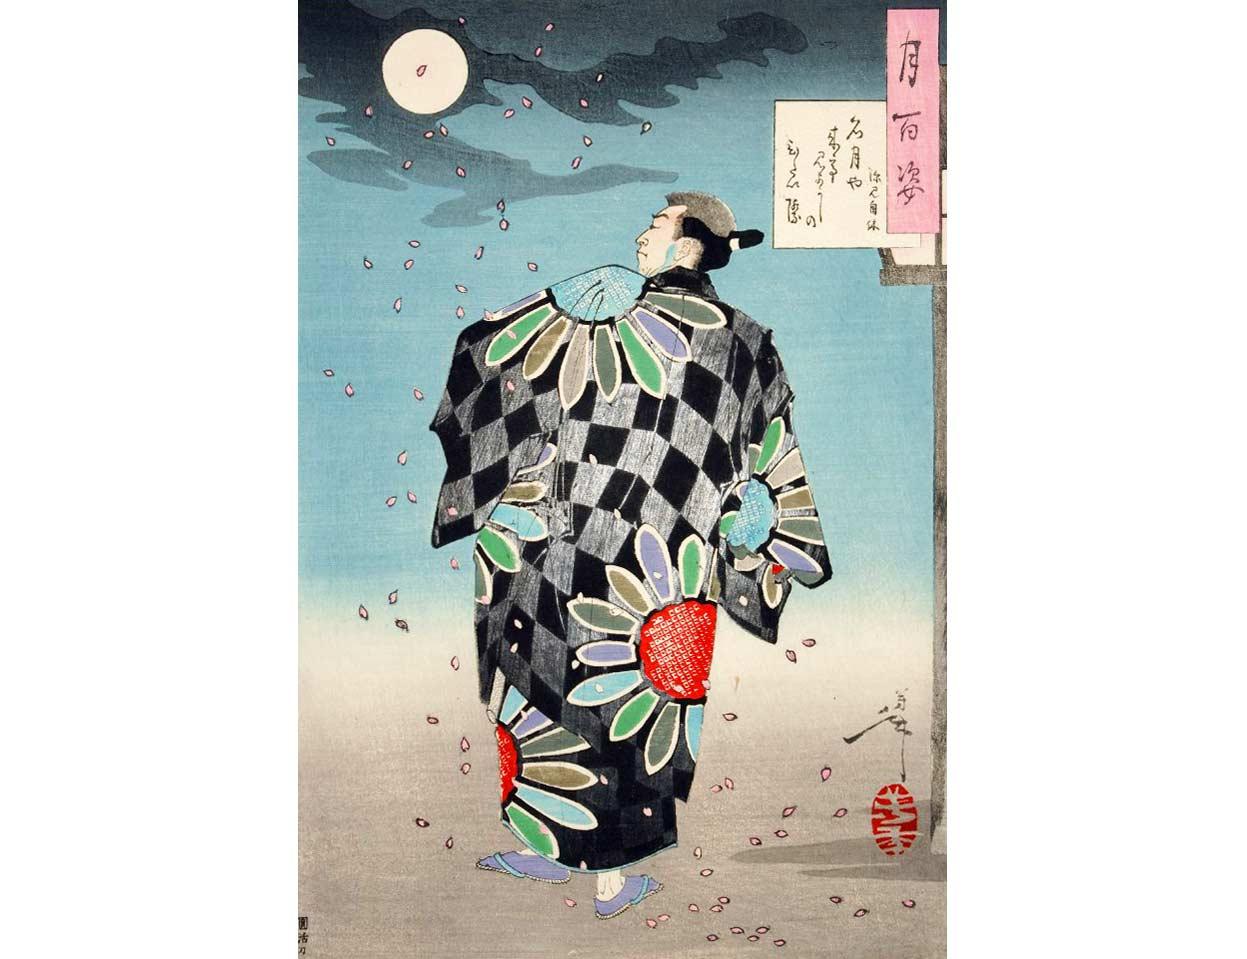 A Poem by Fukami Jikyu, Woodblock Print by Tsukioka Yoshitoshi, 1887